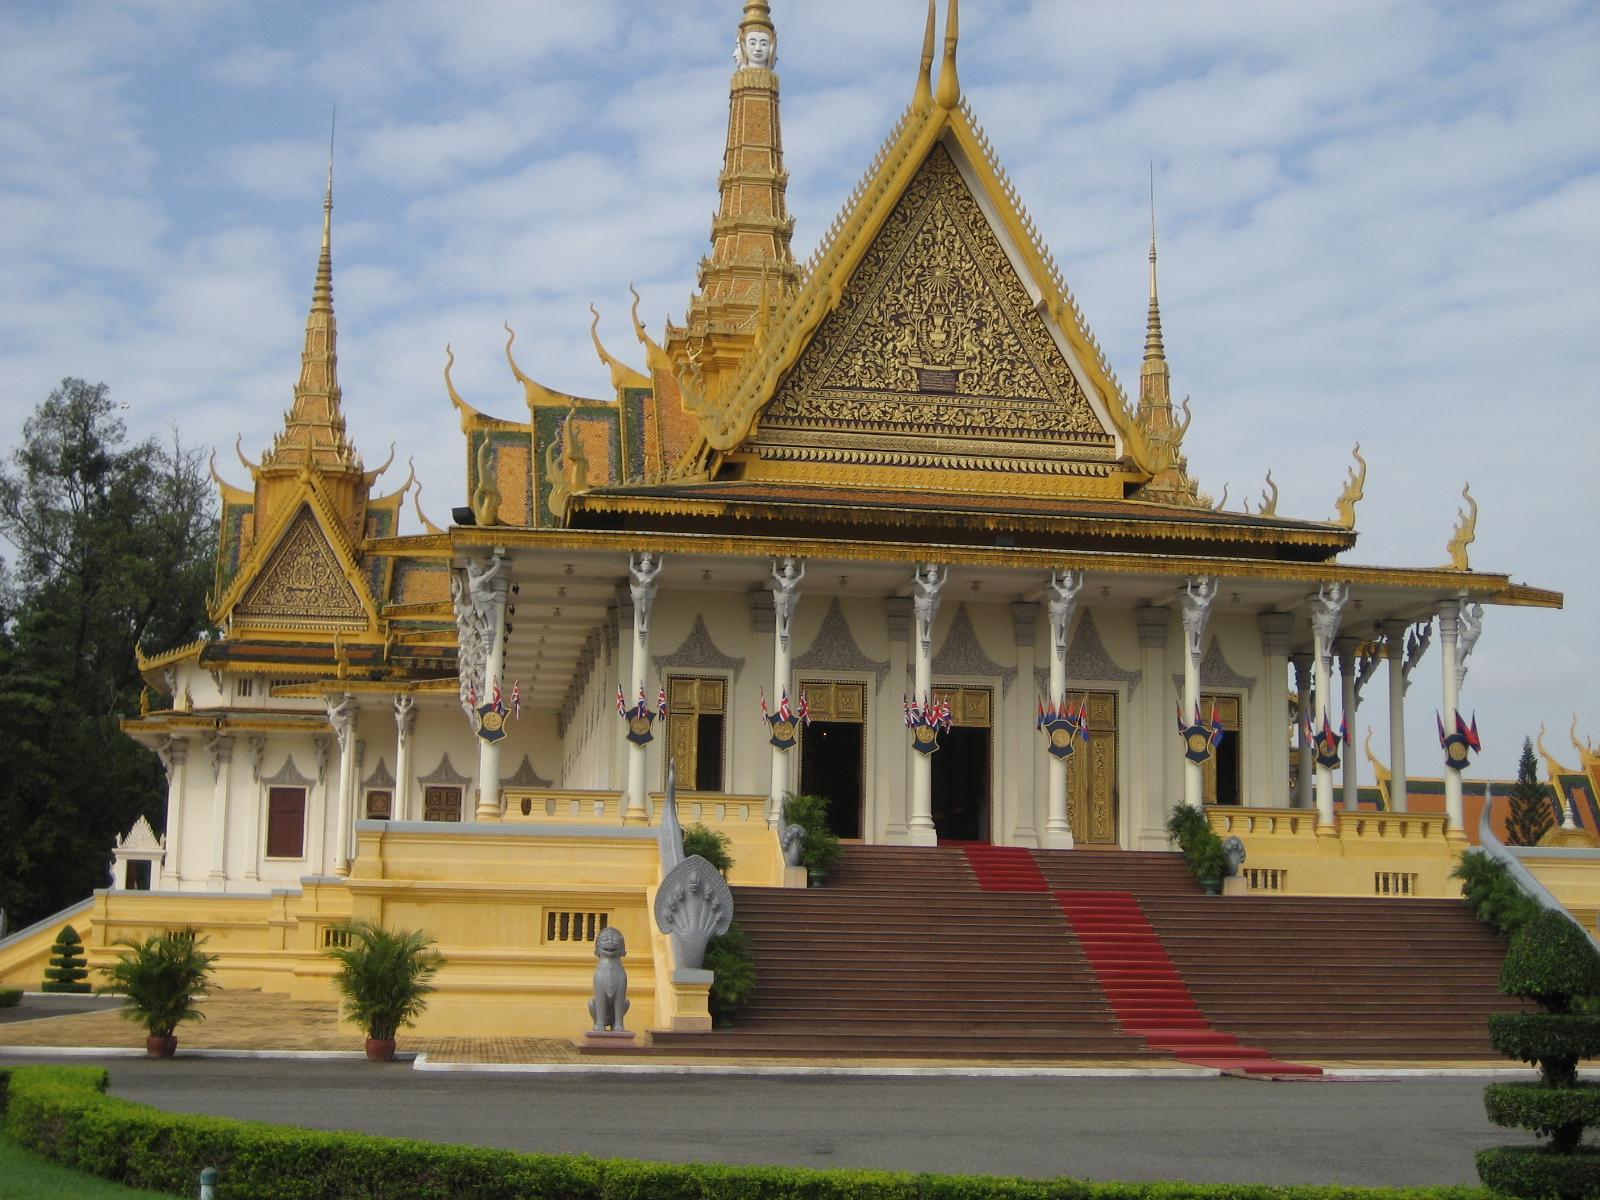 Phnom Penh palace